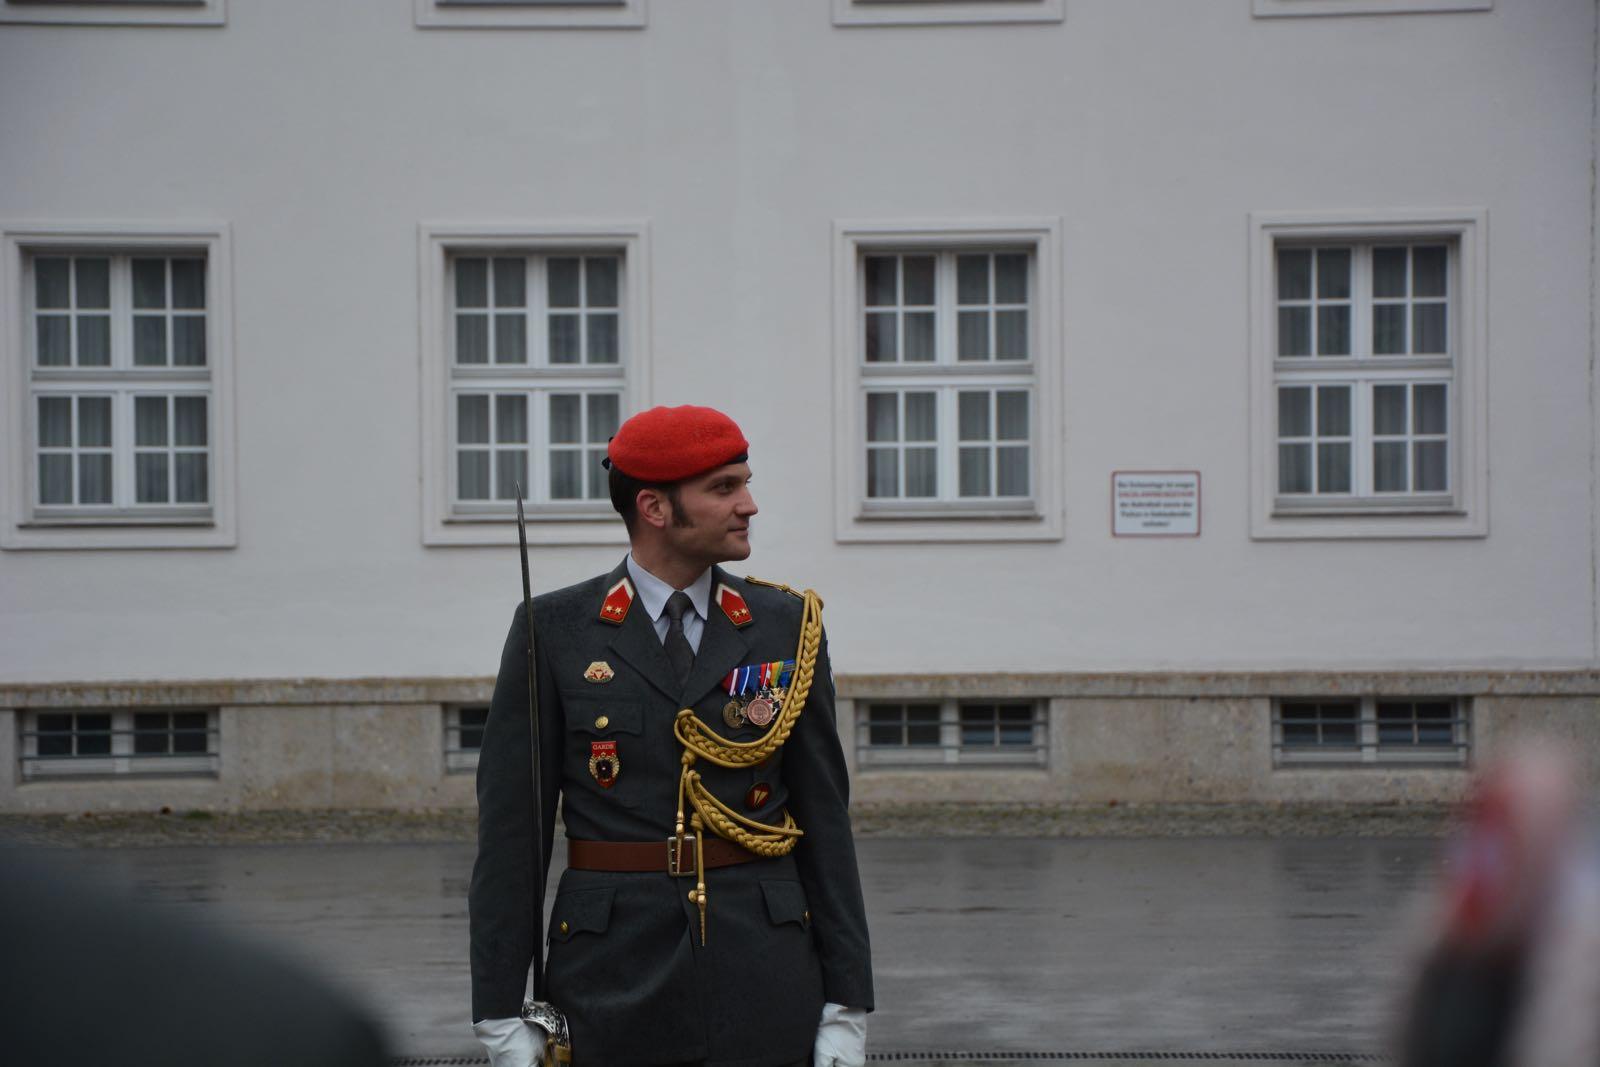 2019_04_30_Besuch_Staatsanwaltschaft - 8 of 25